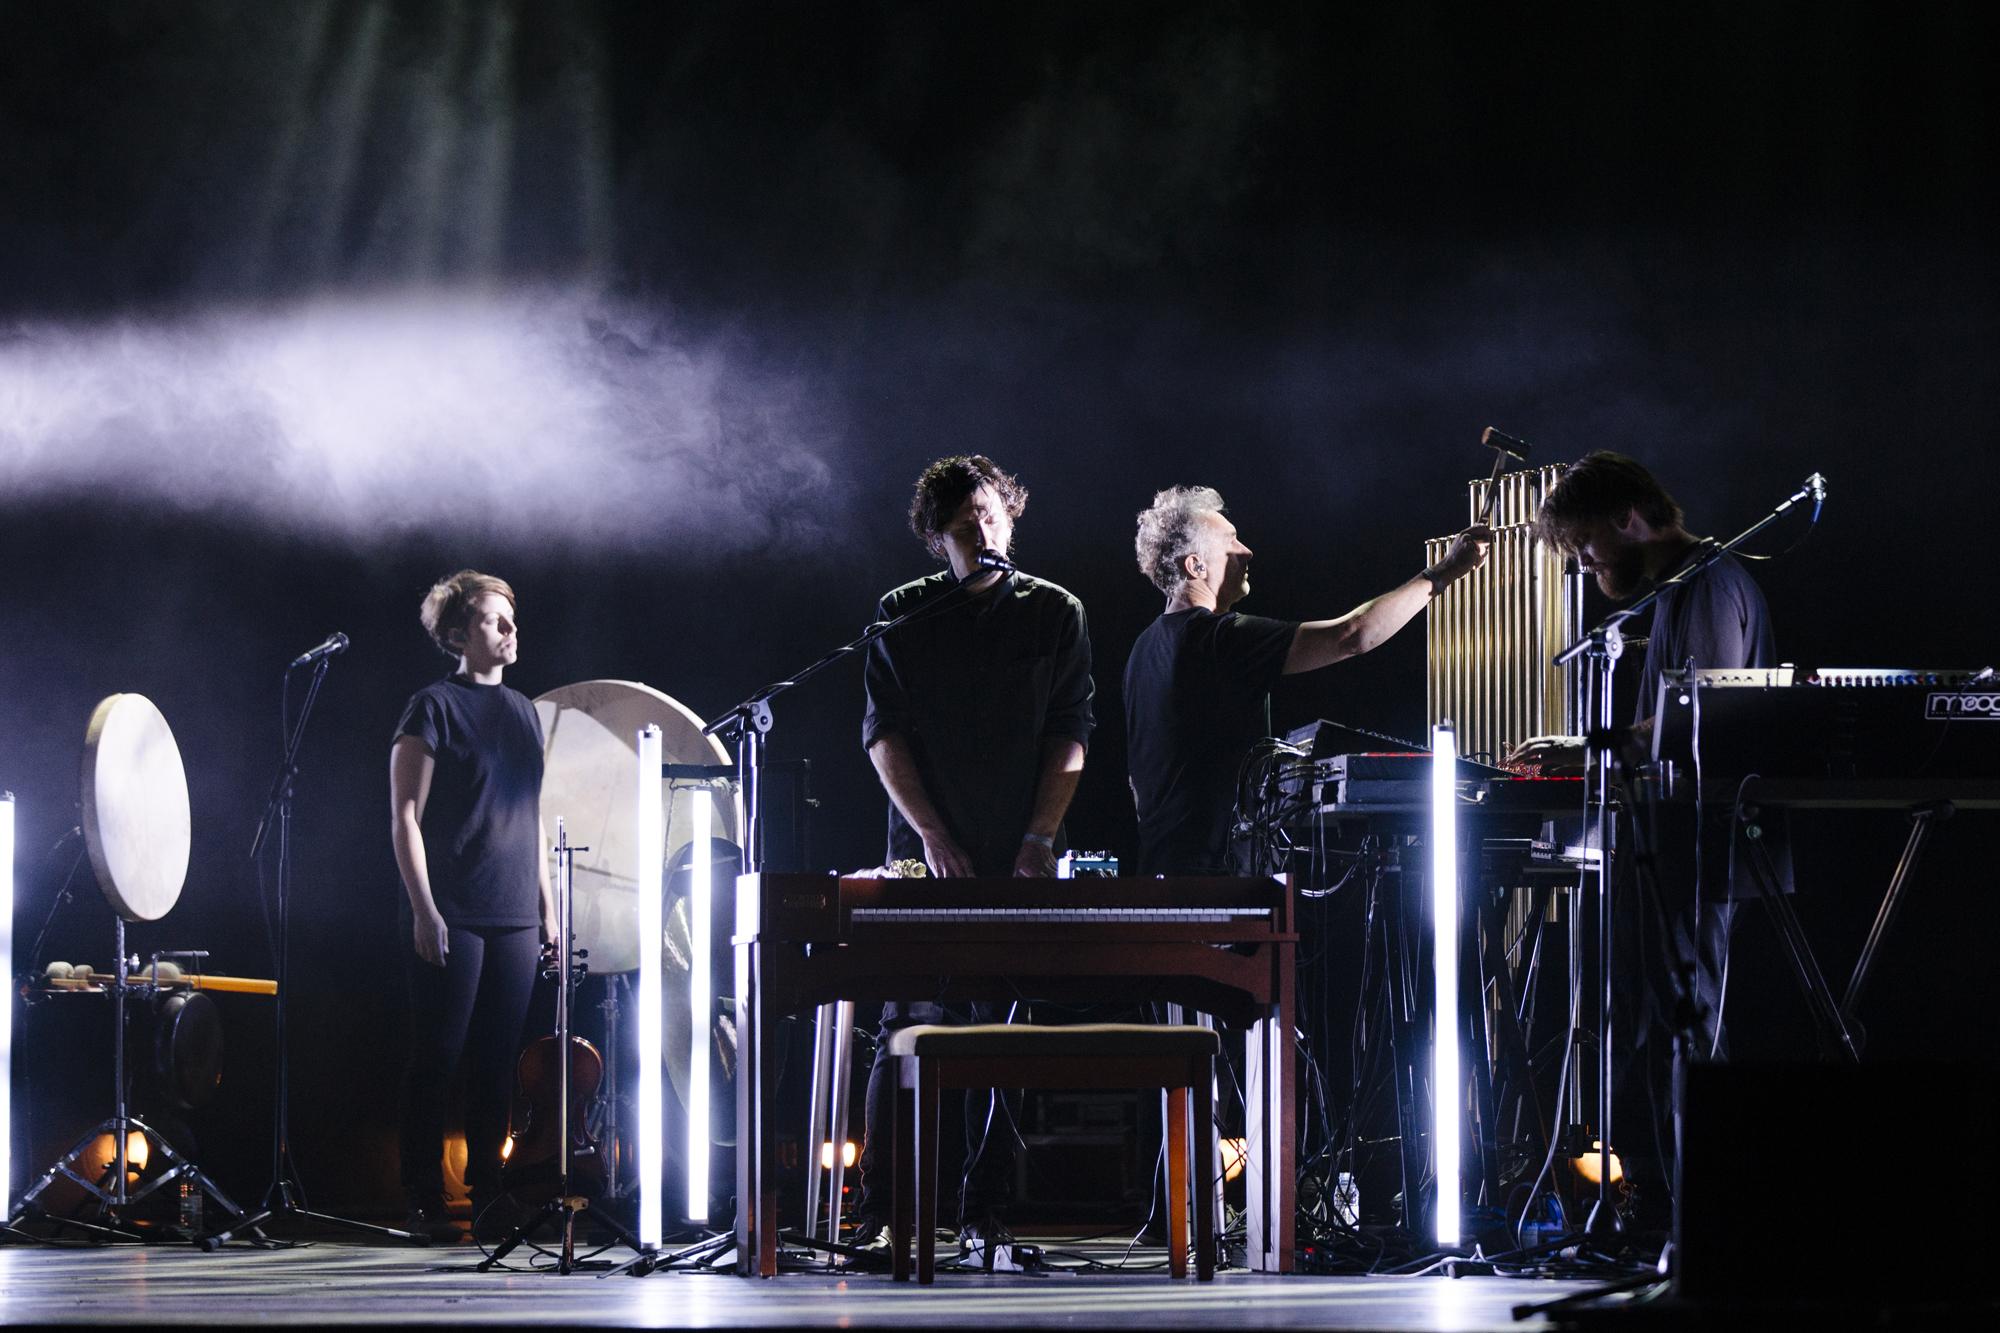 Yann Tiersen fez-se acompanhar de três músicos em palco.